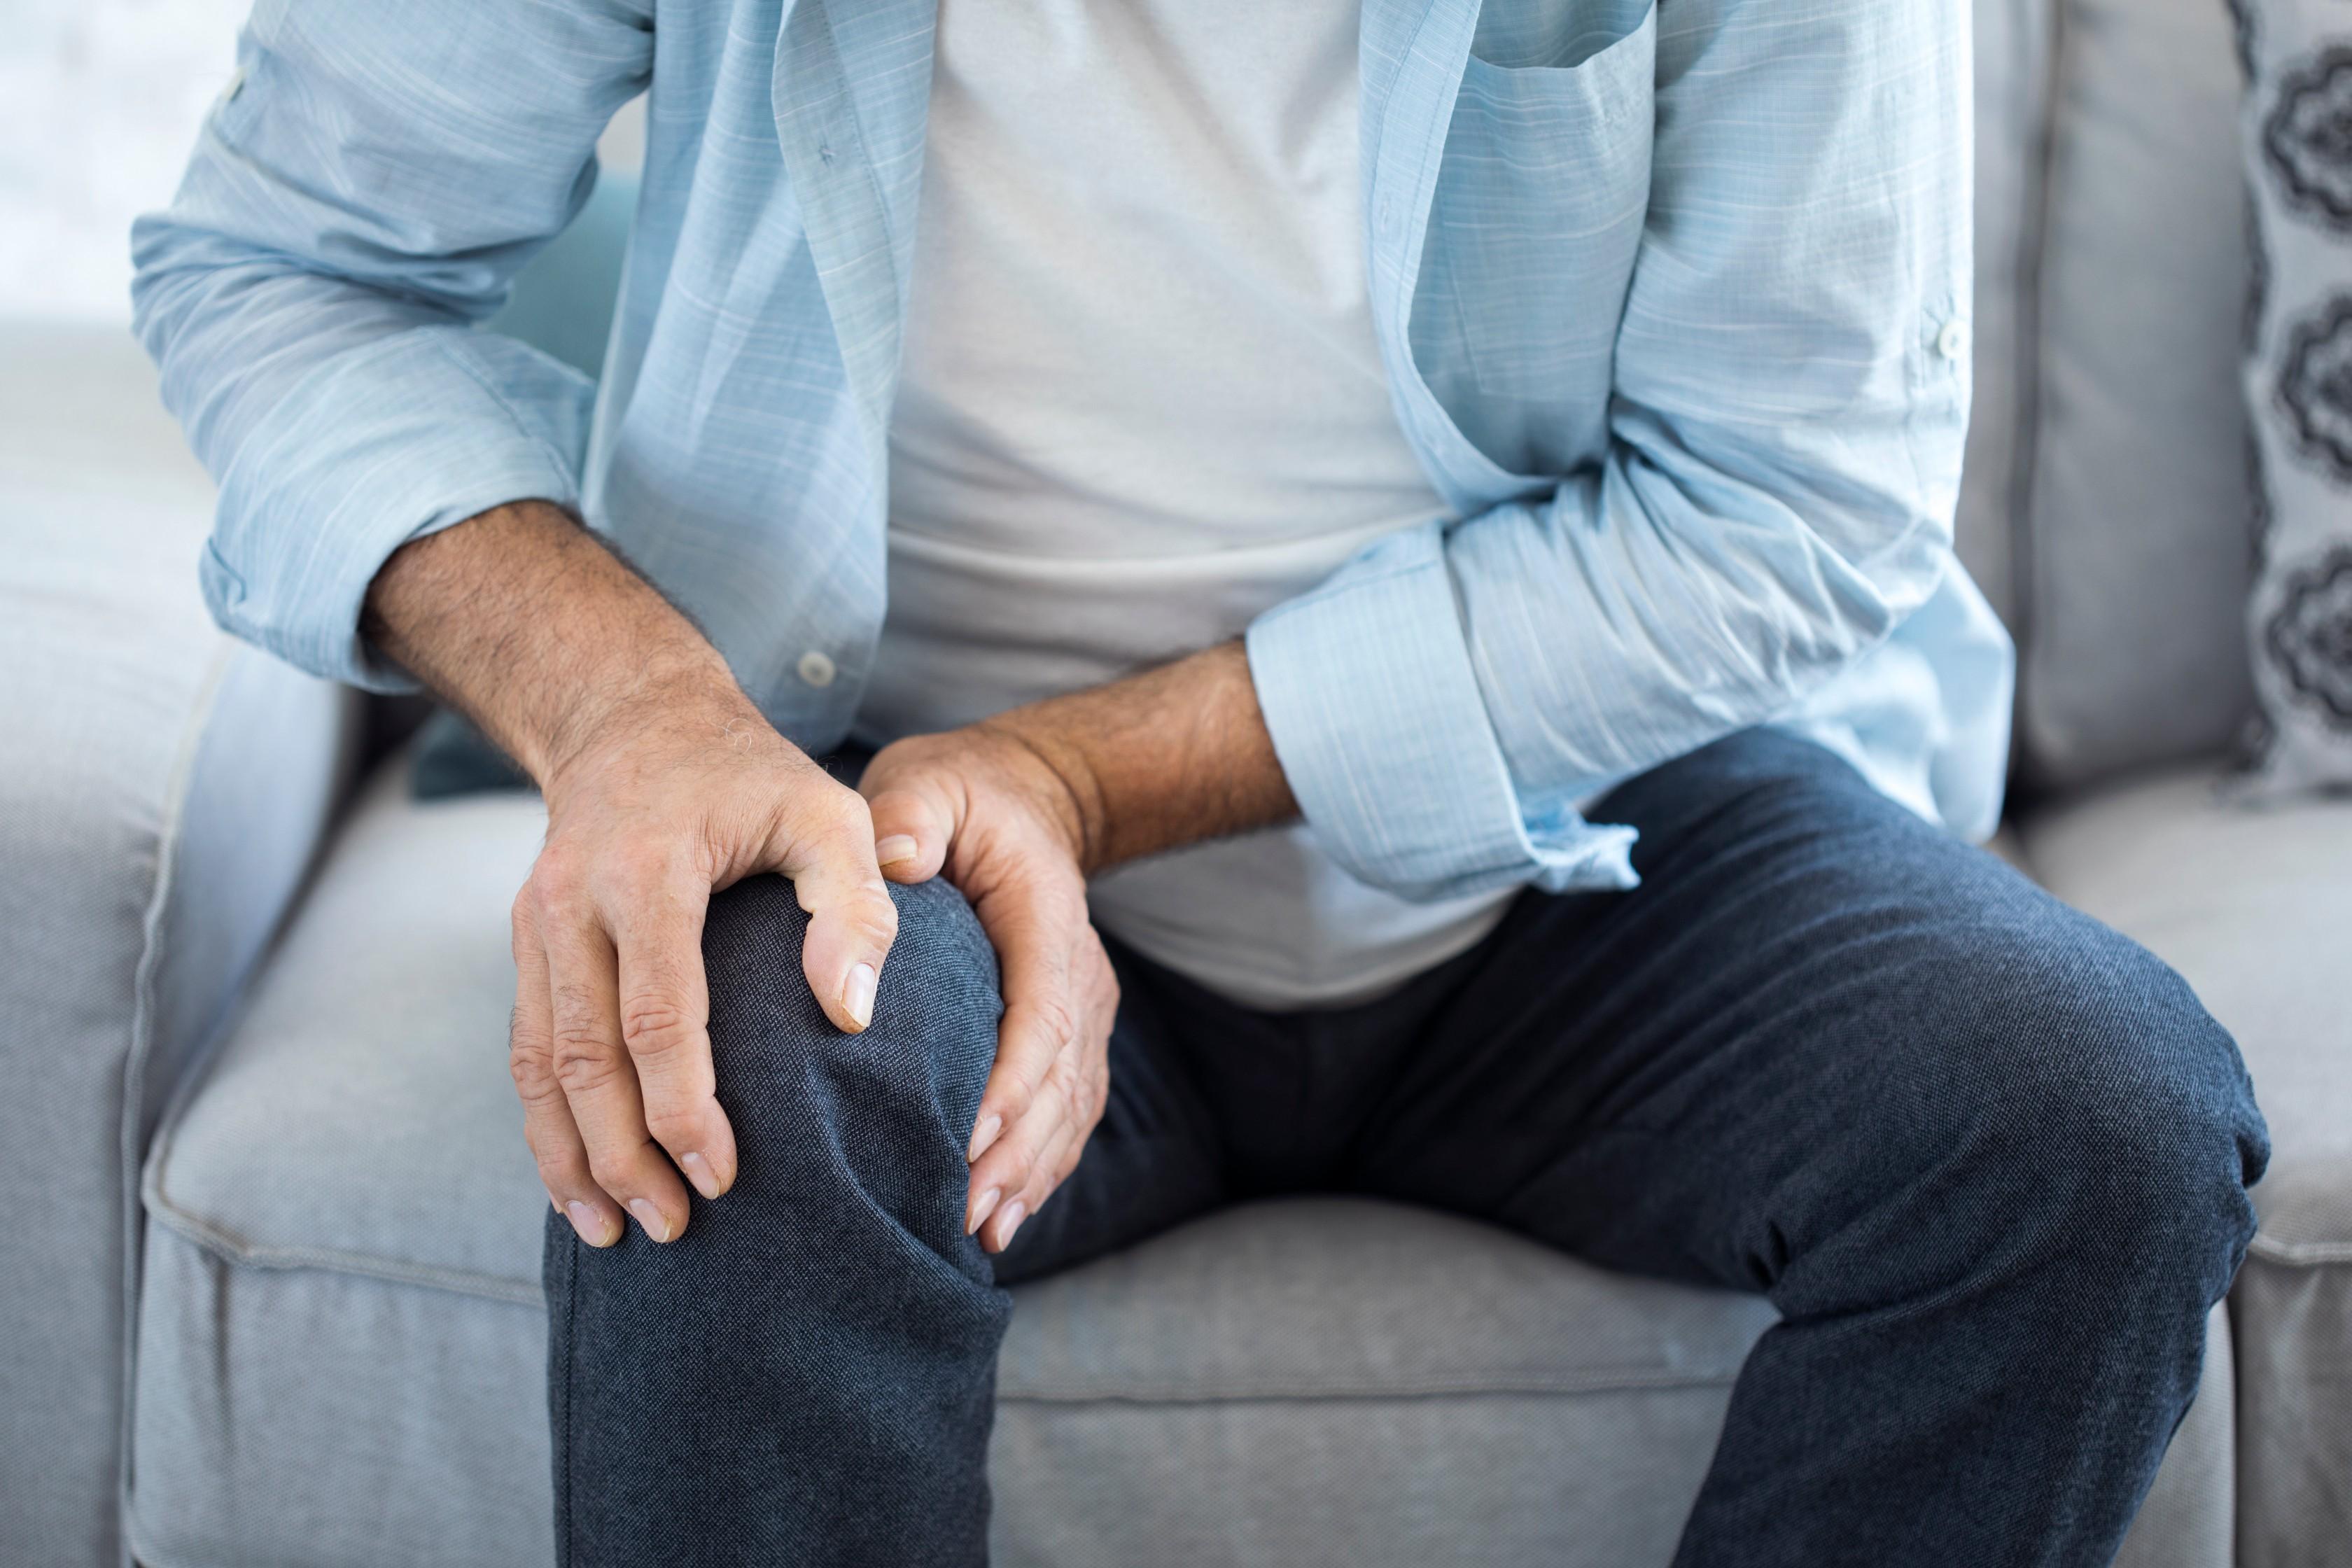 állandó lábfáradtság és ízületi fájdalom